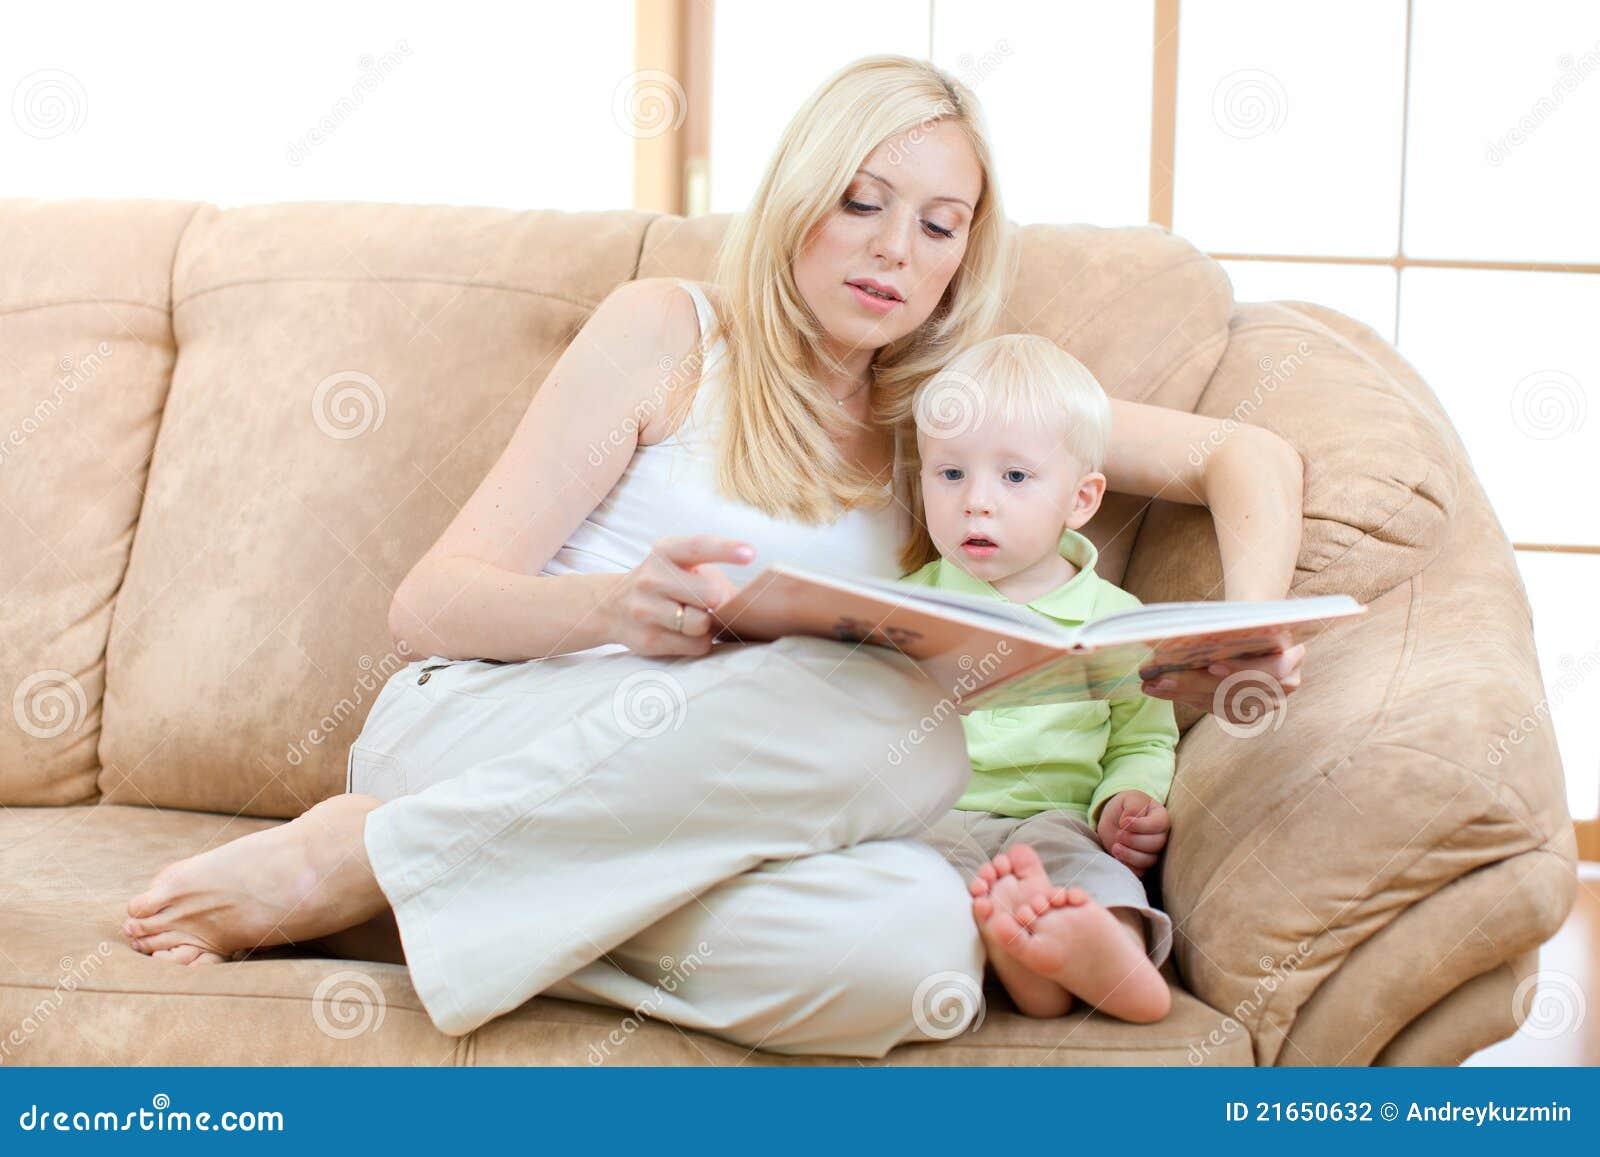 Син ебет свою родную мать, Сын трахнул свою родную мать смотреть онлайн на 24 фотография